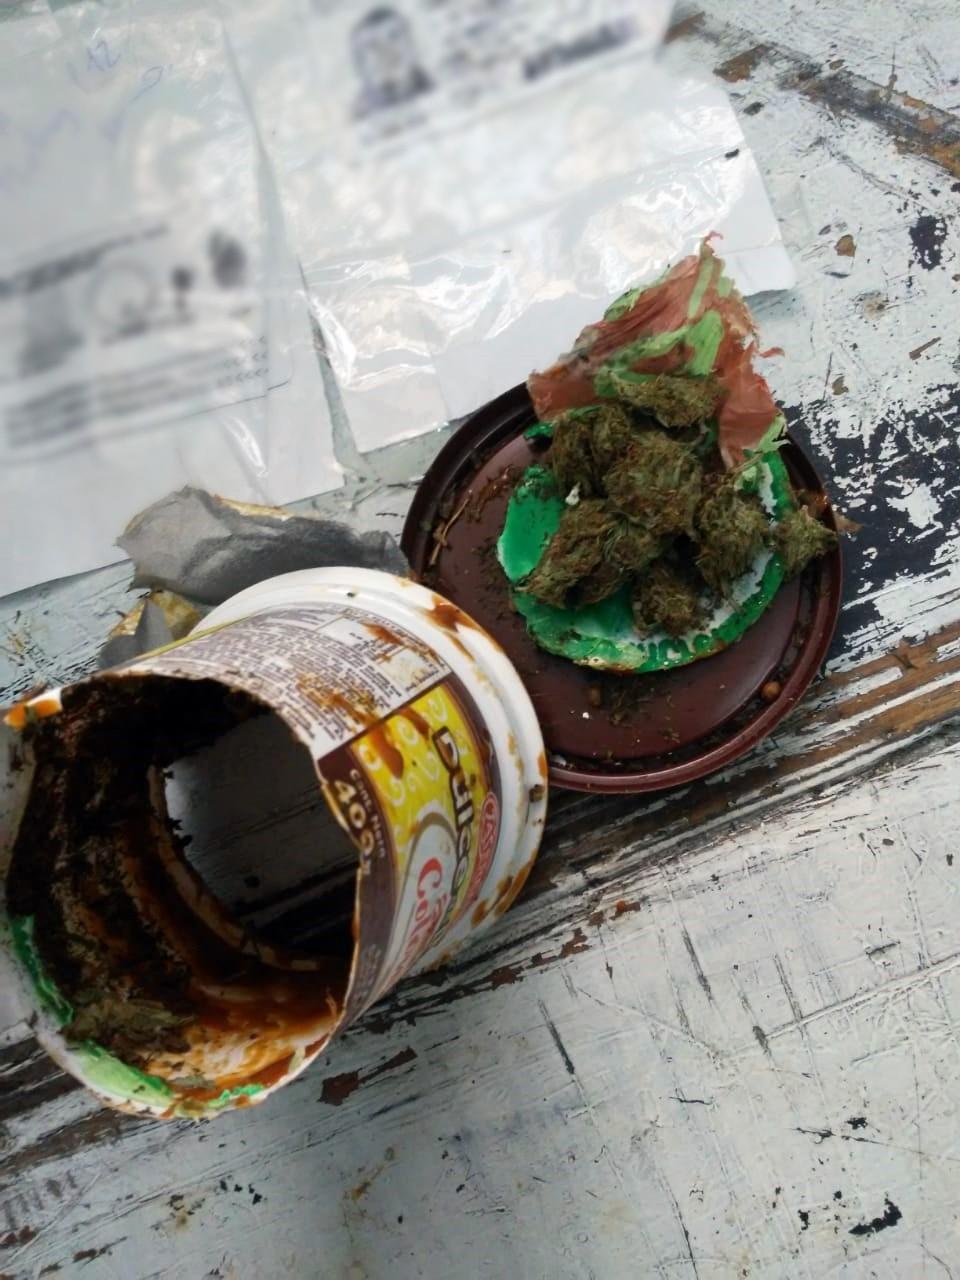 El SPB cortó el ingreso de casi 100 gramos a marihuana a las unidades 17 y 38